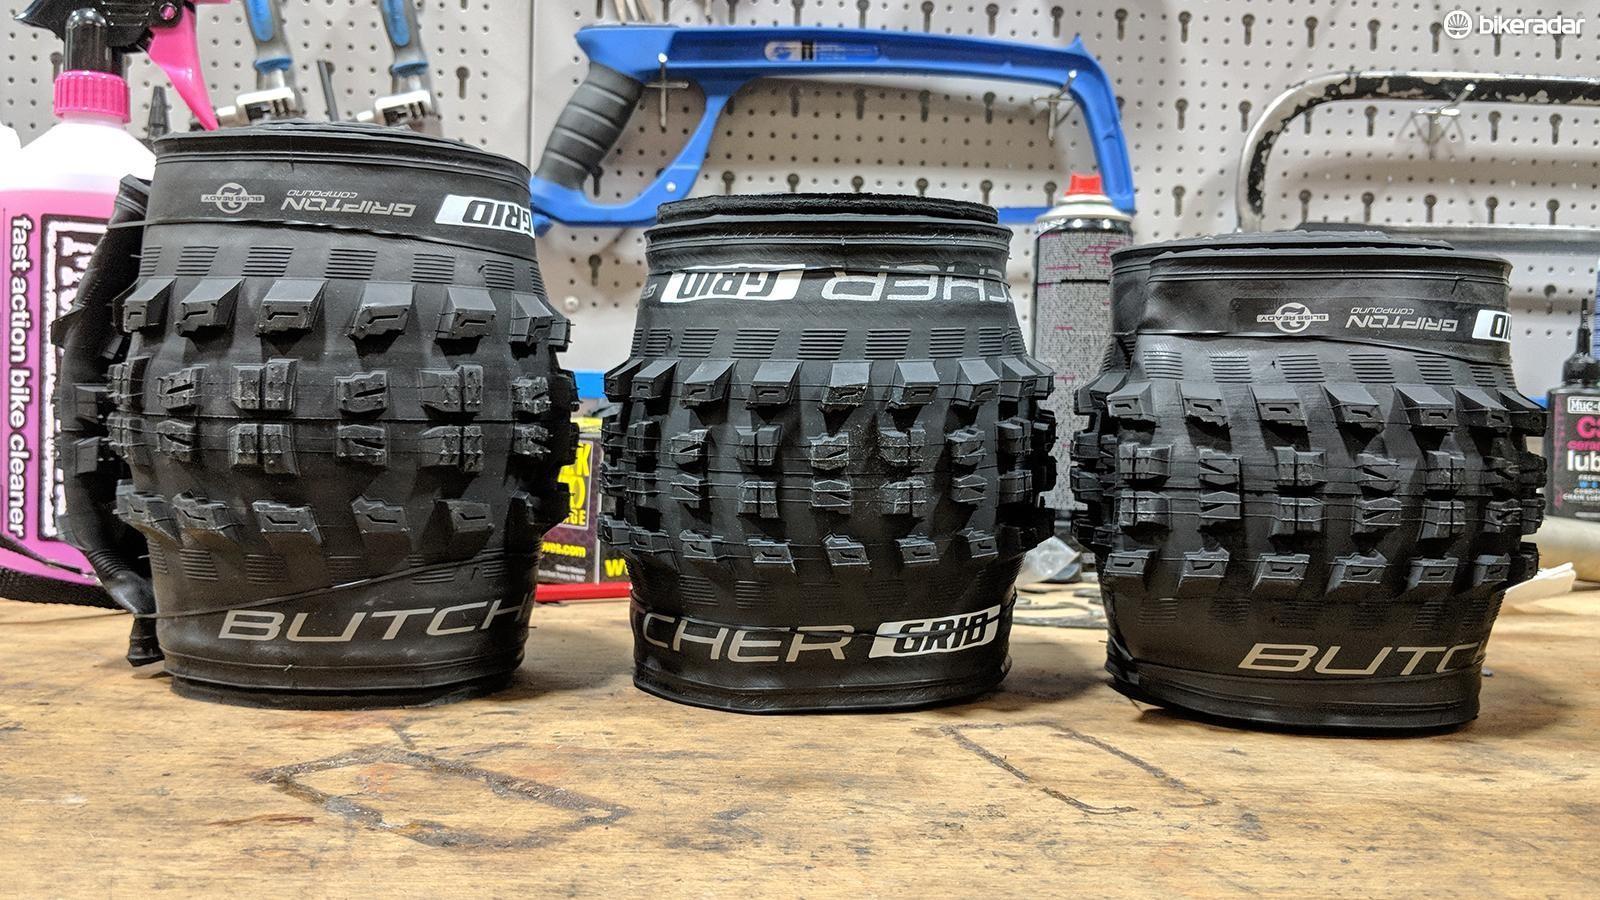 tyre-test-size-01-1543333045199-1tyhcxmhuz39-1550507995976-1gj03kxrskd8r-238a372